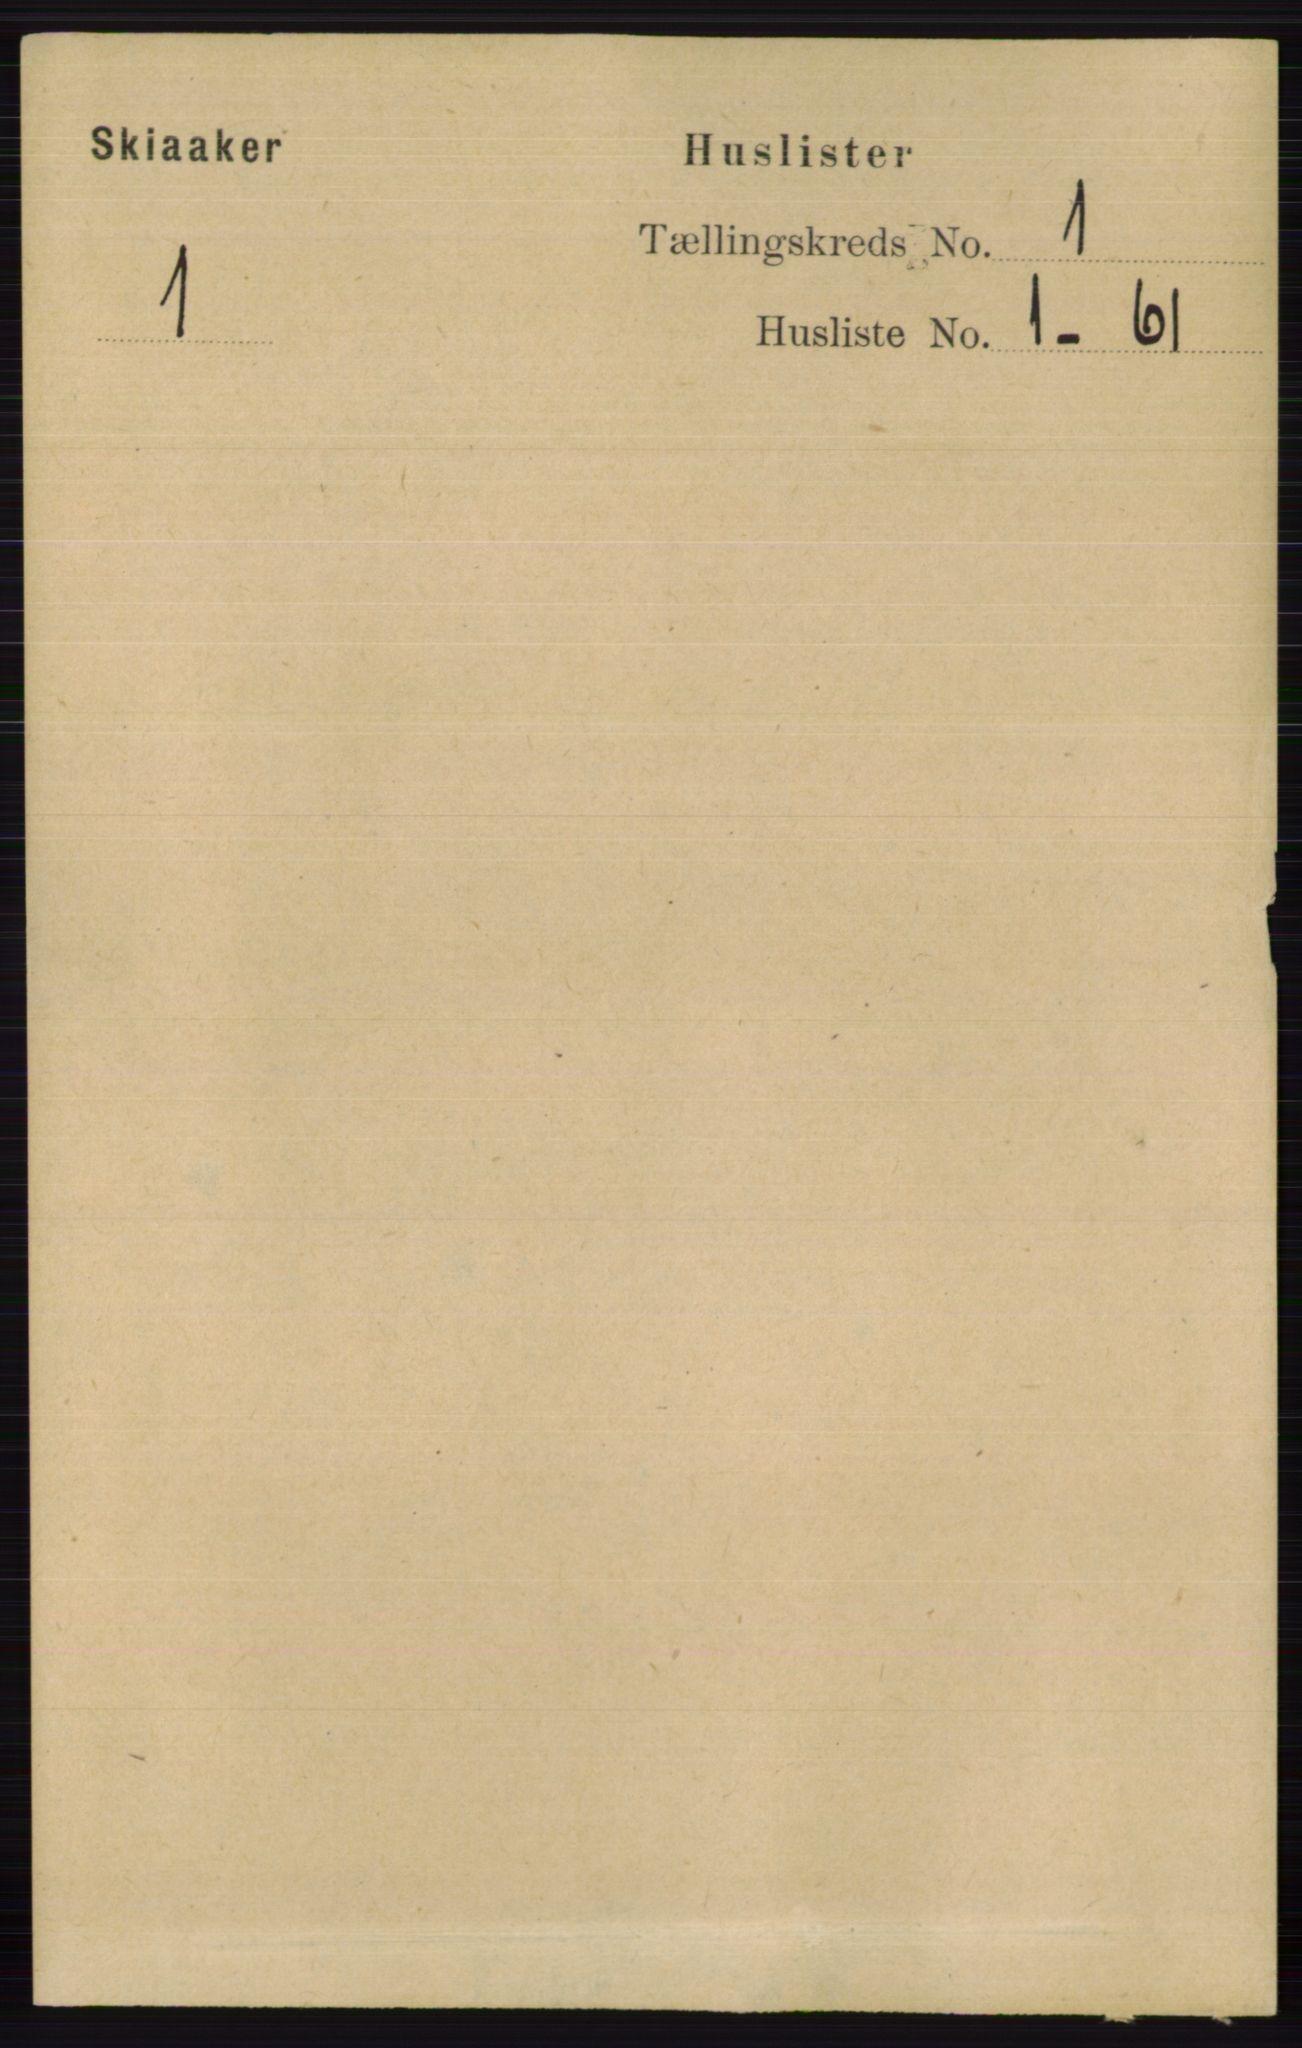 RA, Folketelling 1891 for 0513 Skjåk herred, 1891, s. 23